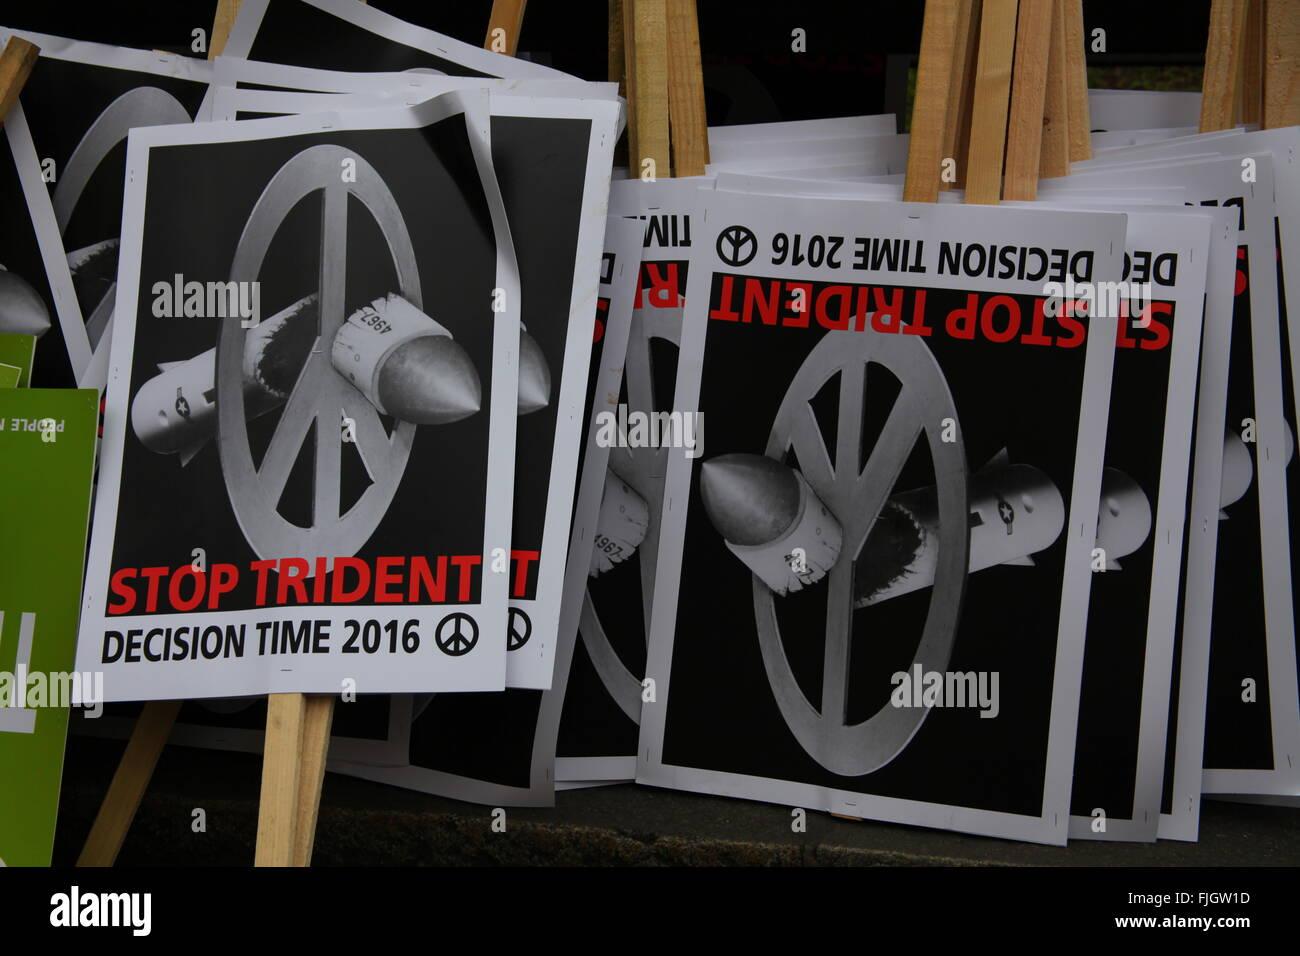 Londres, Reino Unido. 27 de febrero de 2016. Pancartas para la CND Detener Trident demostración de renovación. Imagen De Stock